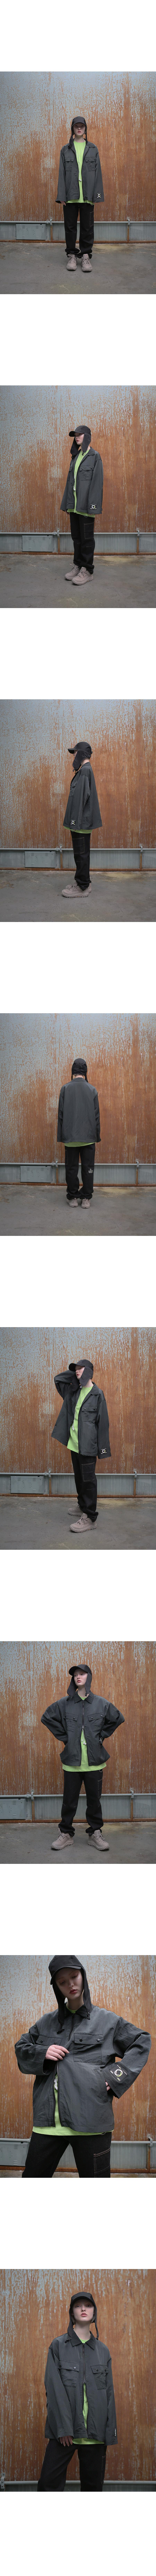 어패럴싯(APPARELXIT) 유니섹스 포켓 메탈 자켓 블랙